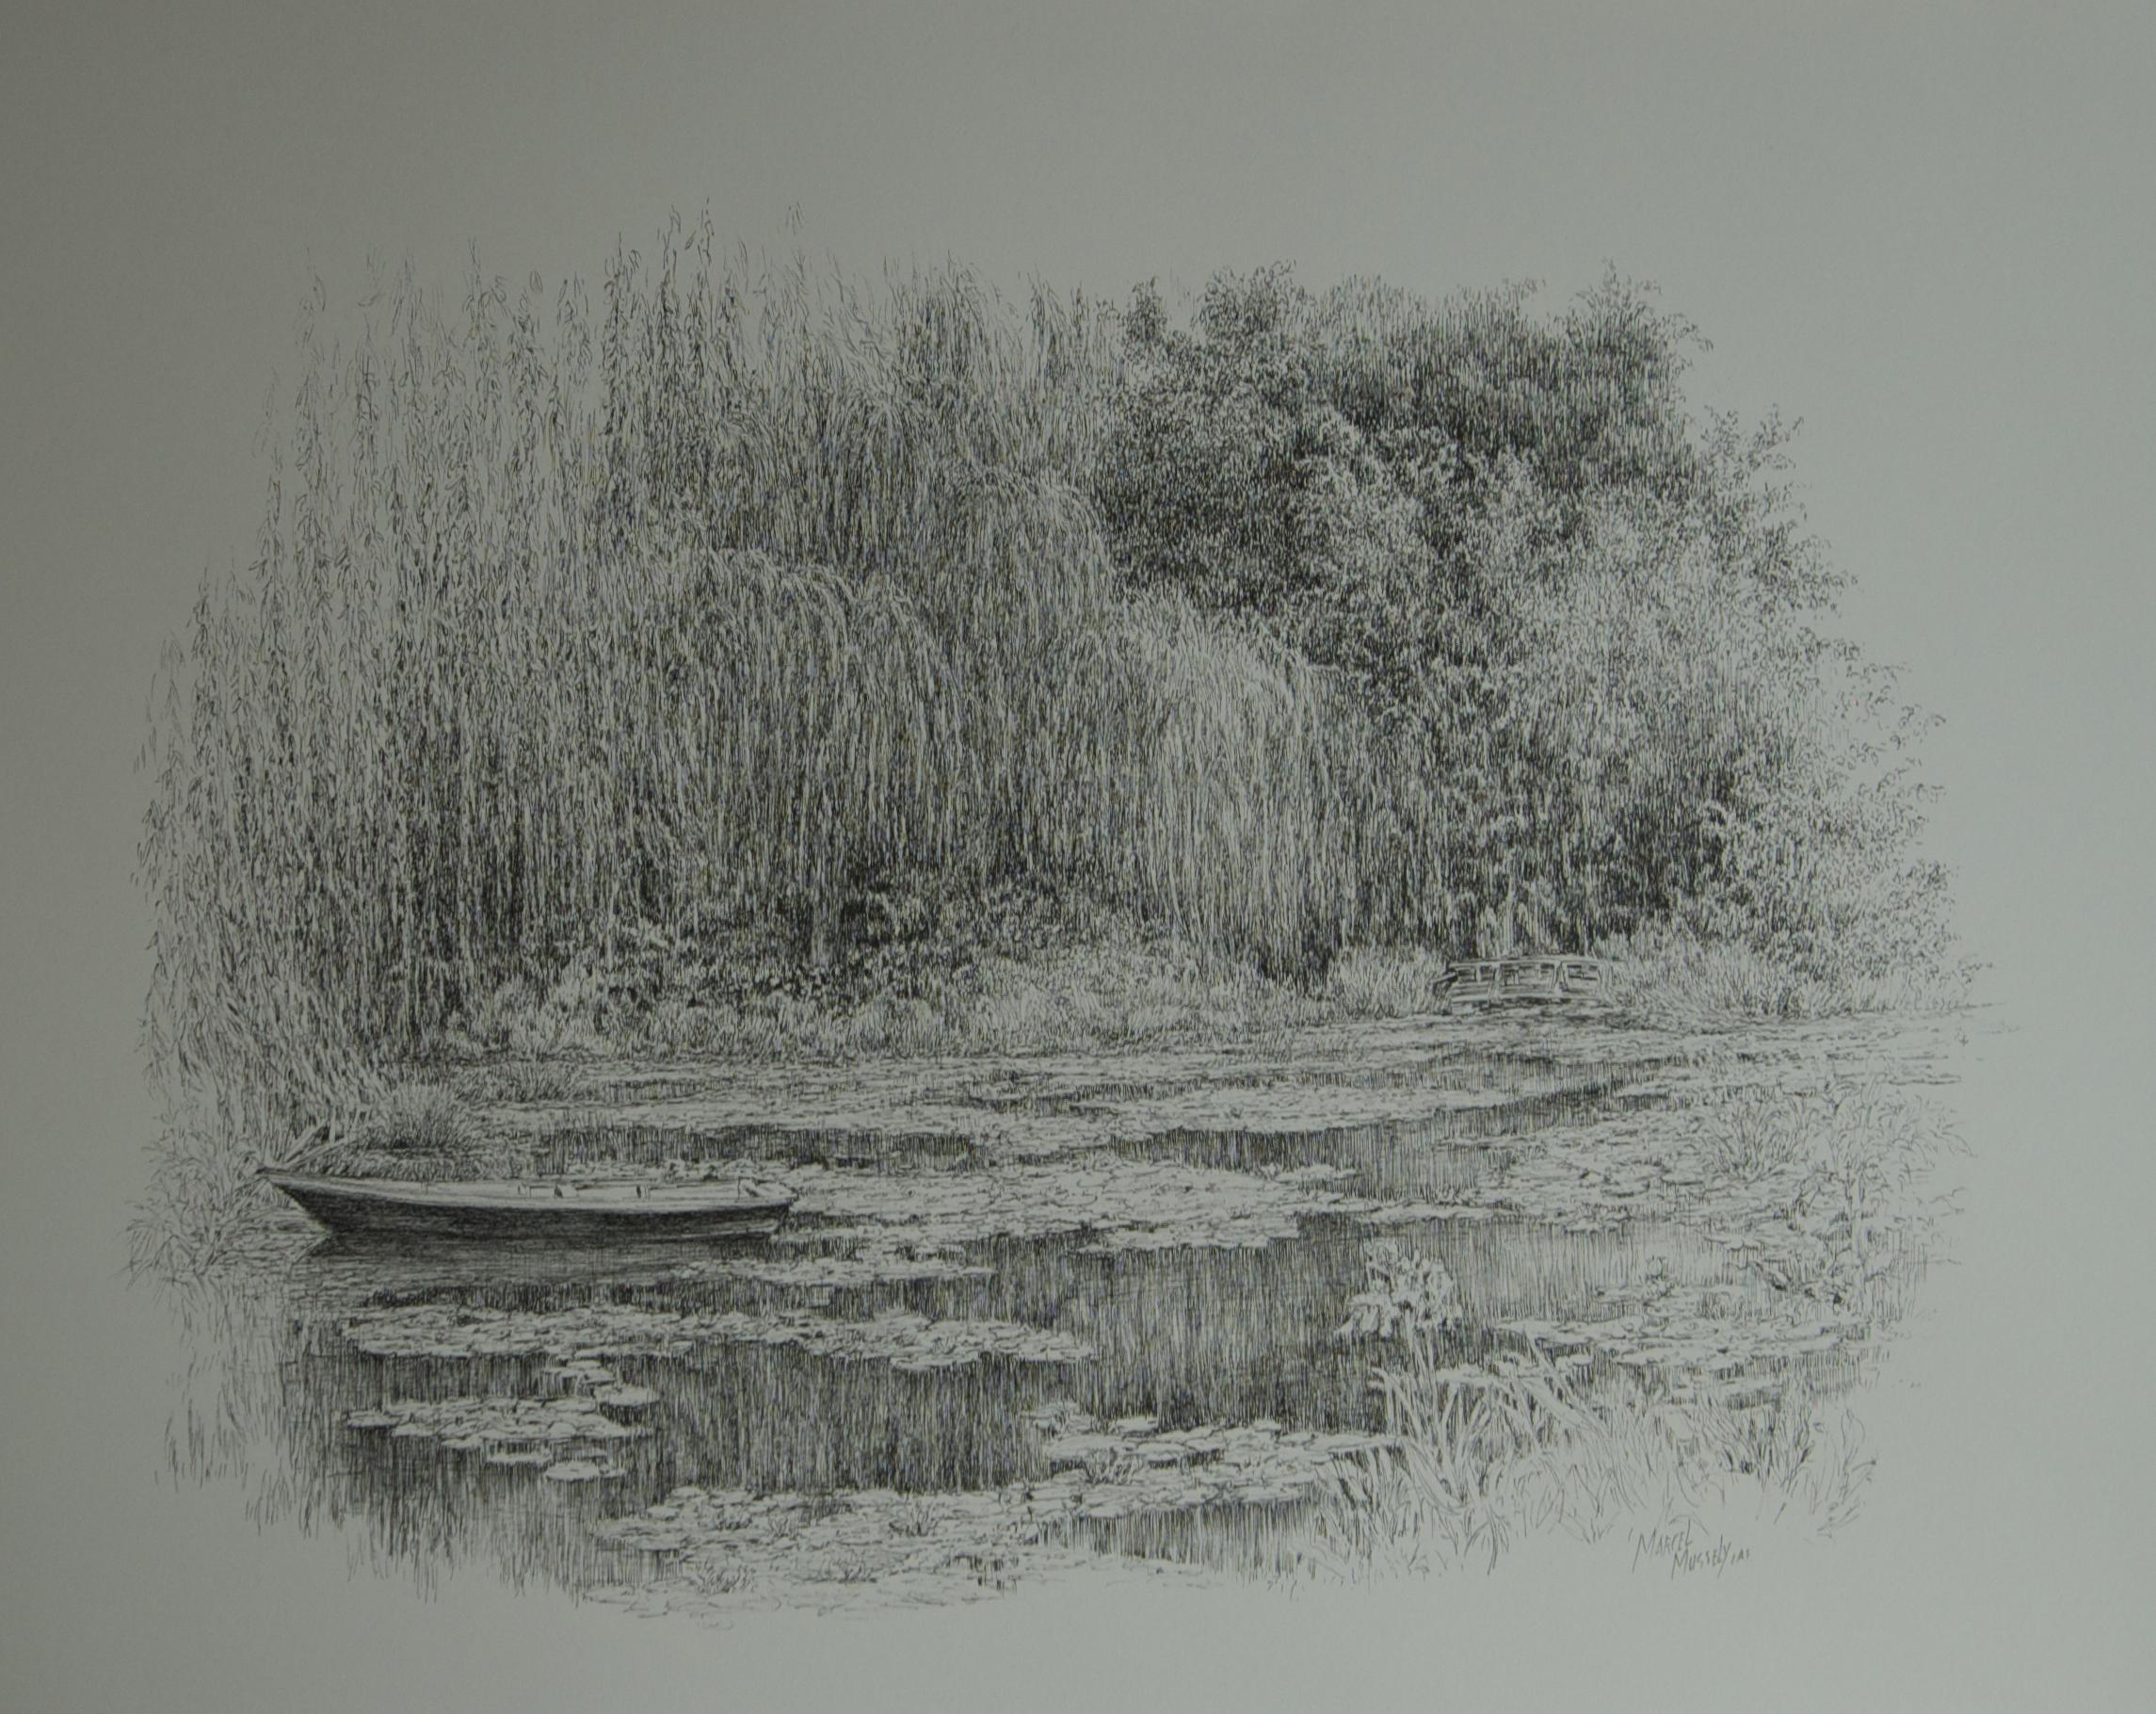 """<span style=""""color: #ff0000;""""><a style=""""color: #ff0000;"""" href=""""mailto:mussely@sympatico.ca?subject=Défi 15 dessins 15 semaines - Le jardin d'eau de Monet à Giverny, France"""">Contacter l'artiste</a></span> Marcel Mussely - Le jardin d'eau de Monet à Giverny, France - 950 $ (transaction directement avec l'artiste) - Encre sur papier aquarelle - 18x24 po"""